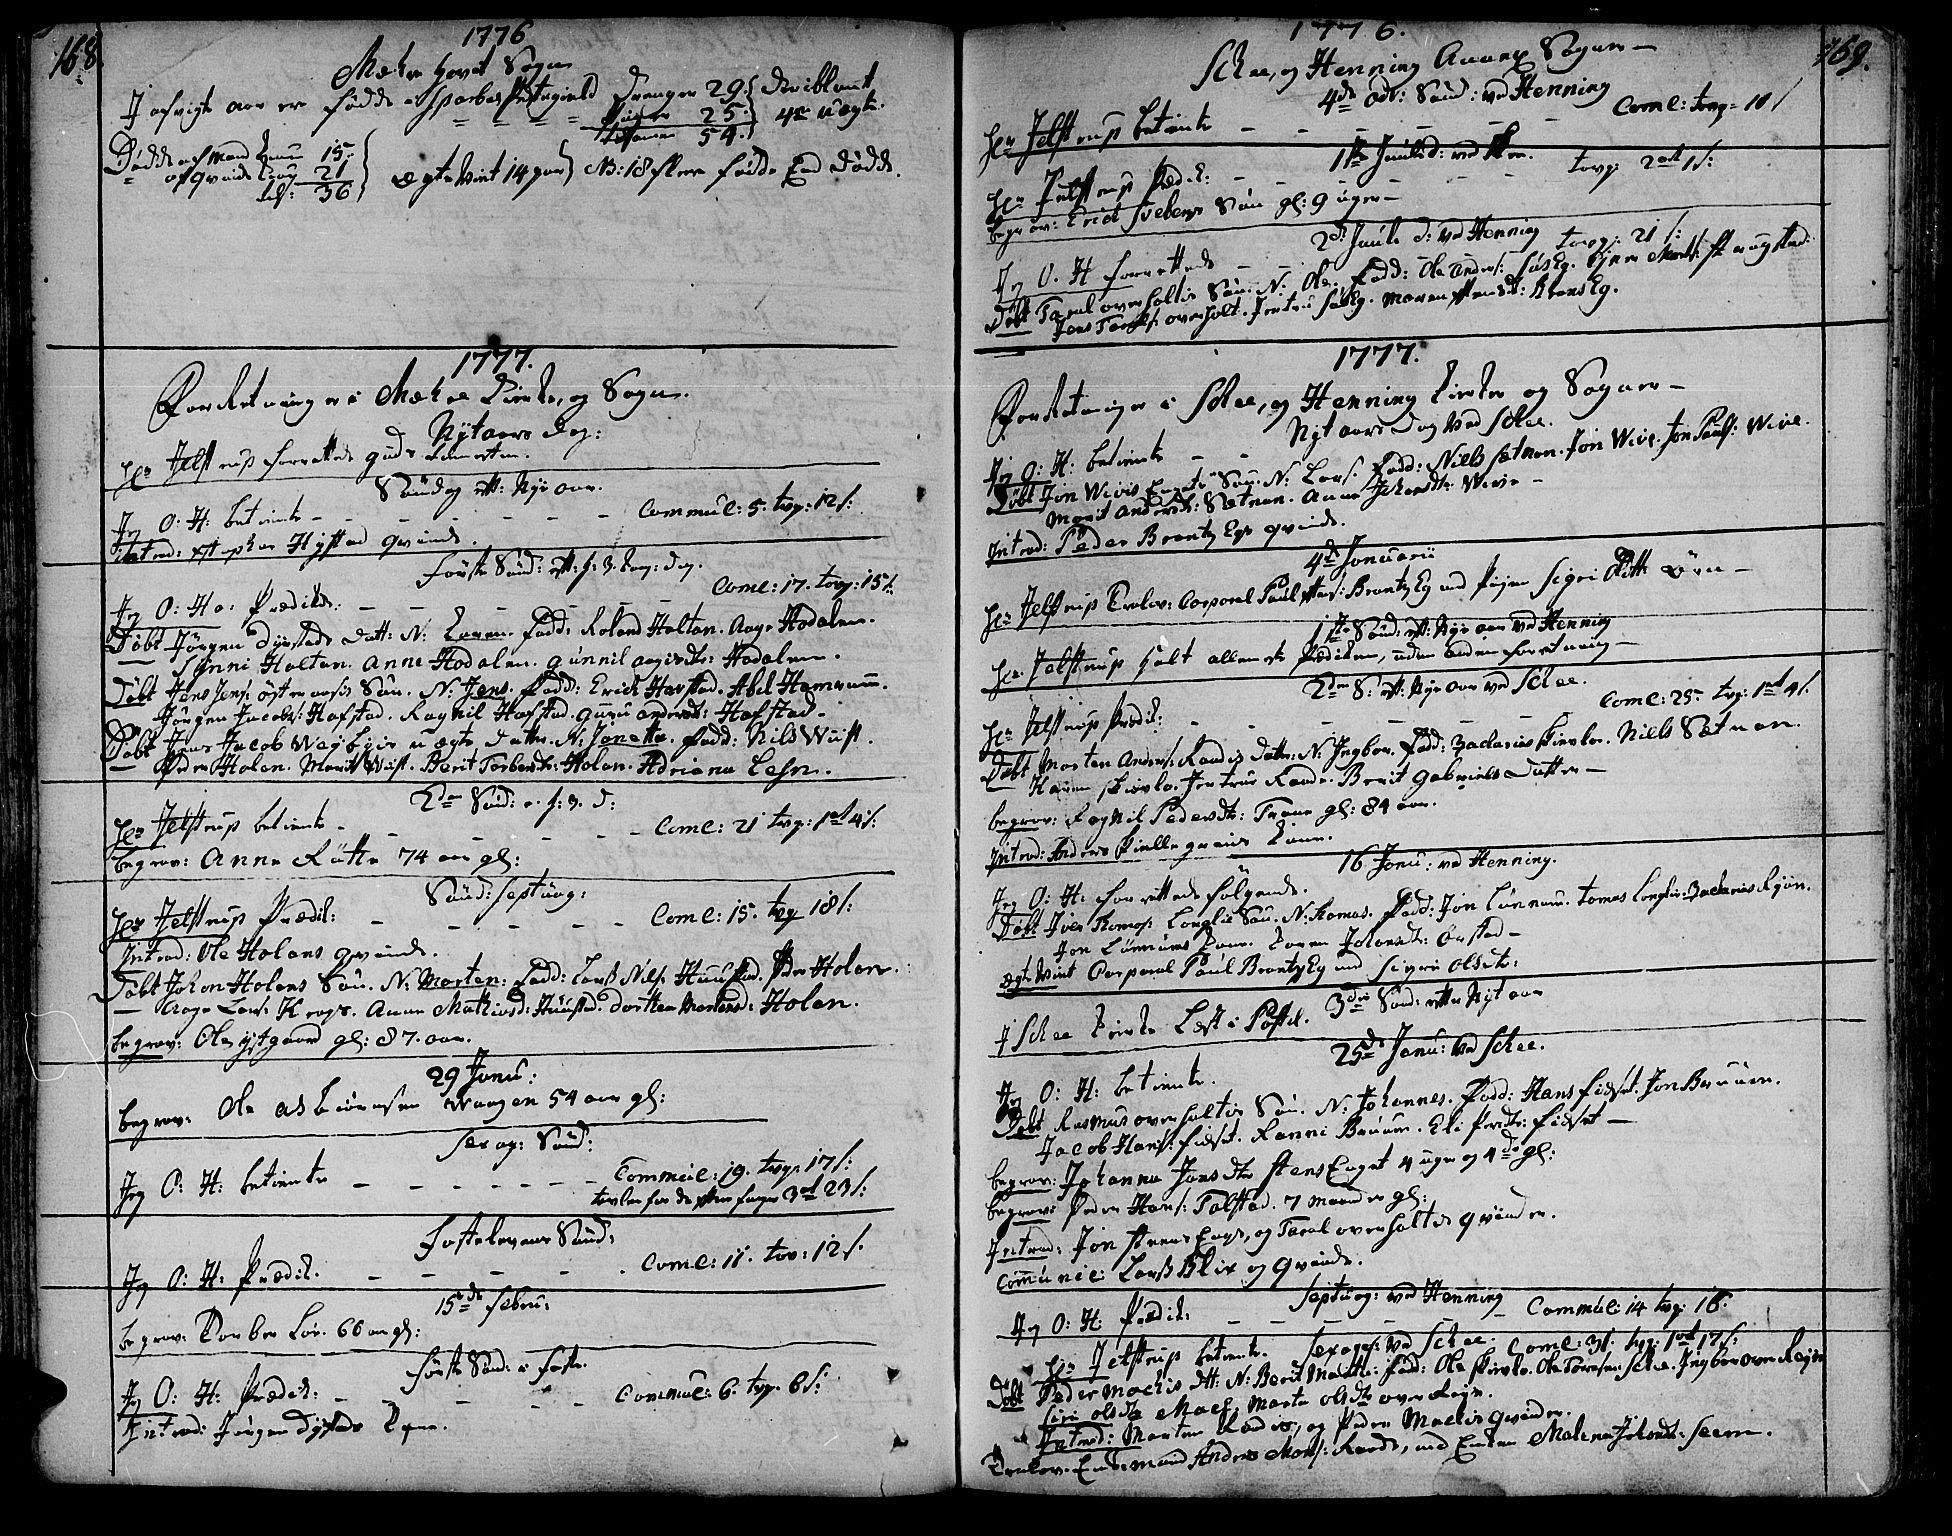 SAT, Ministerialprotokoller, klokkerbøker og fødselsregistre - Nord-Trøndelag, 735/L0331: Ministerialbok nr. 735A02, 1762-1794, s. 168-169